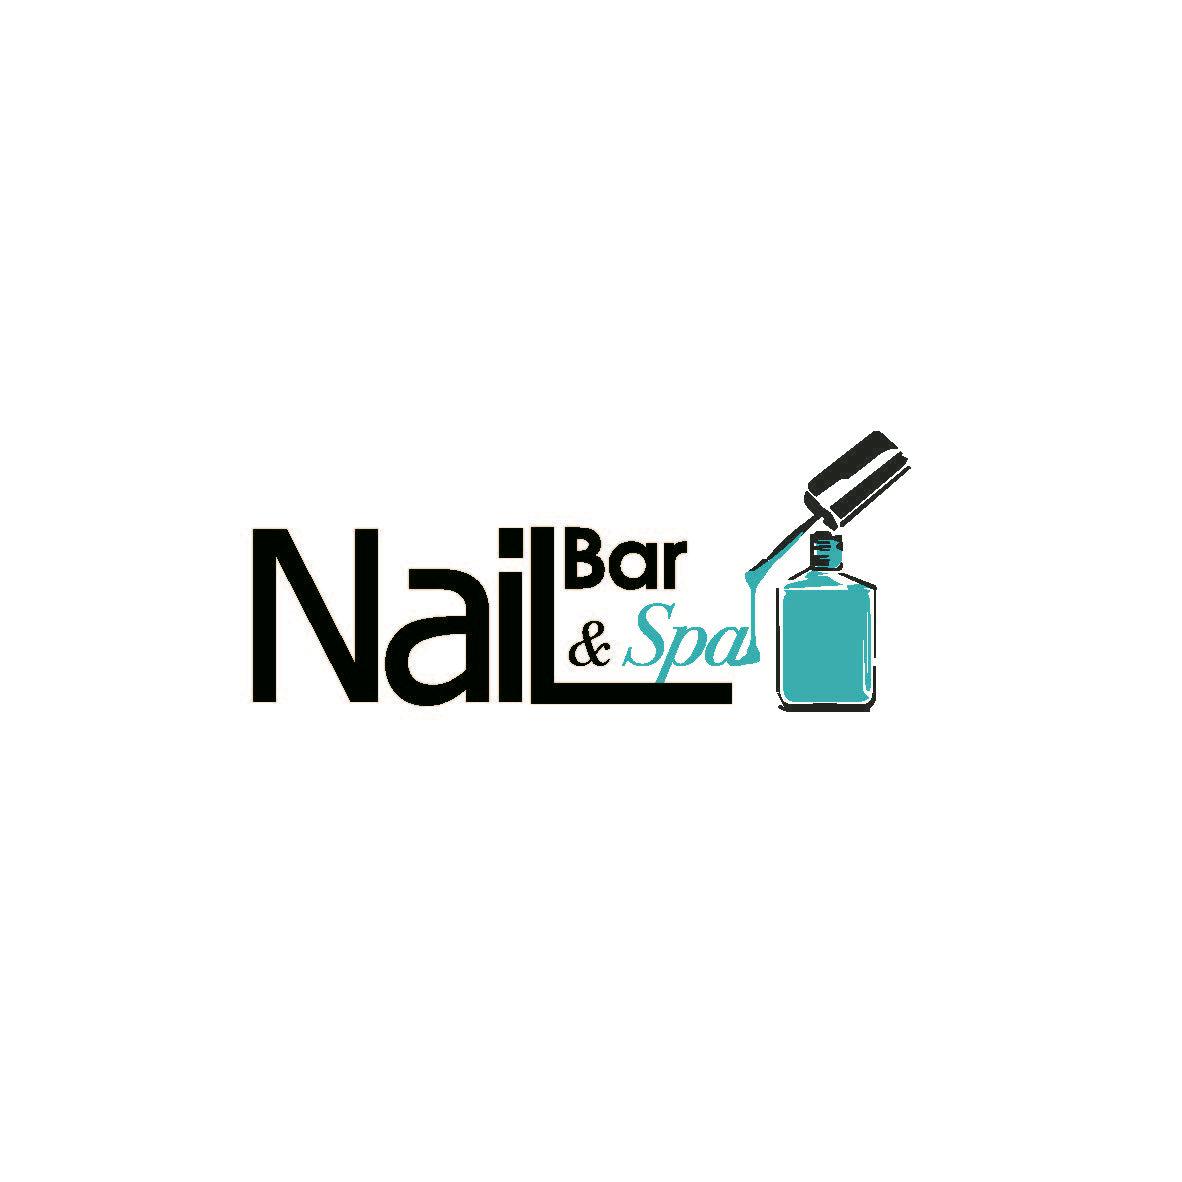 Nail Bar & Spa